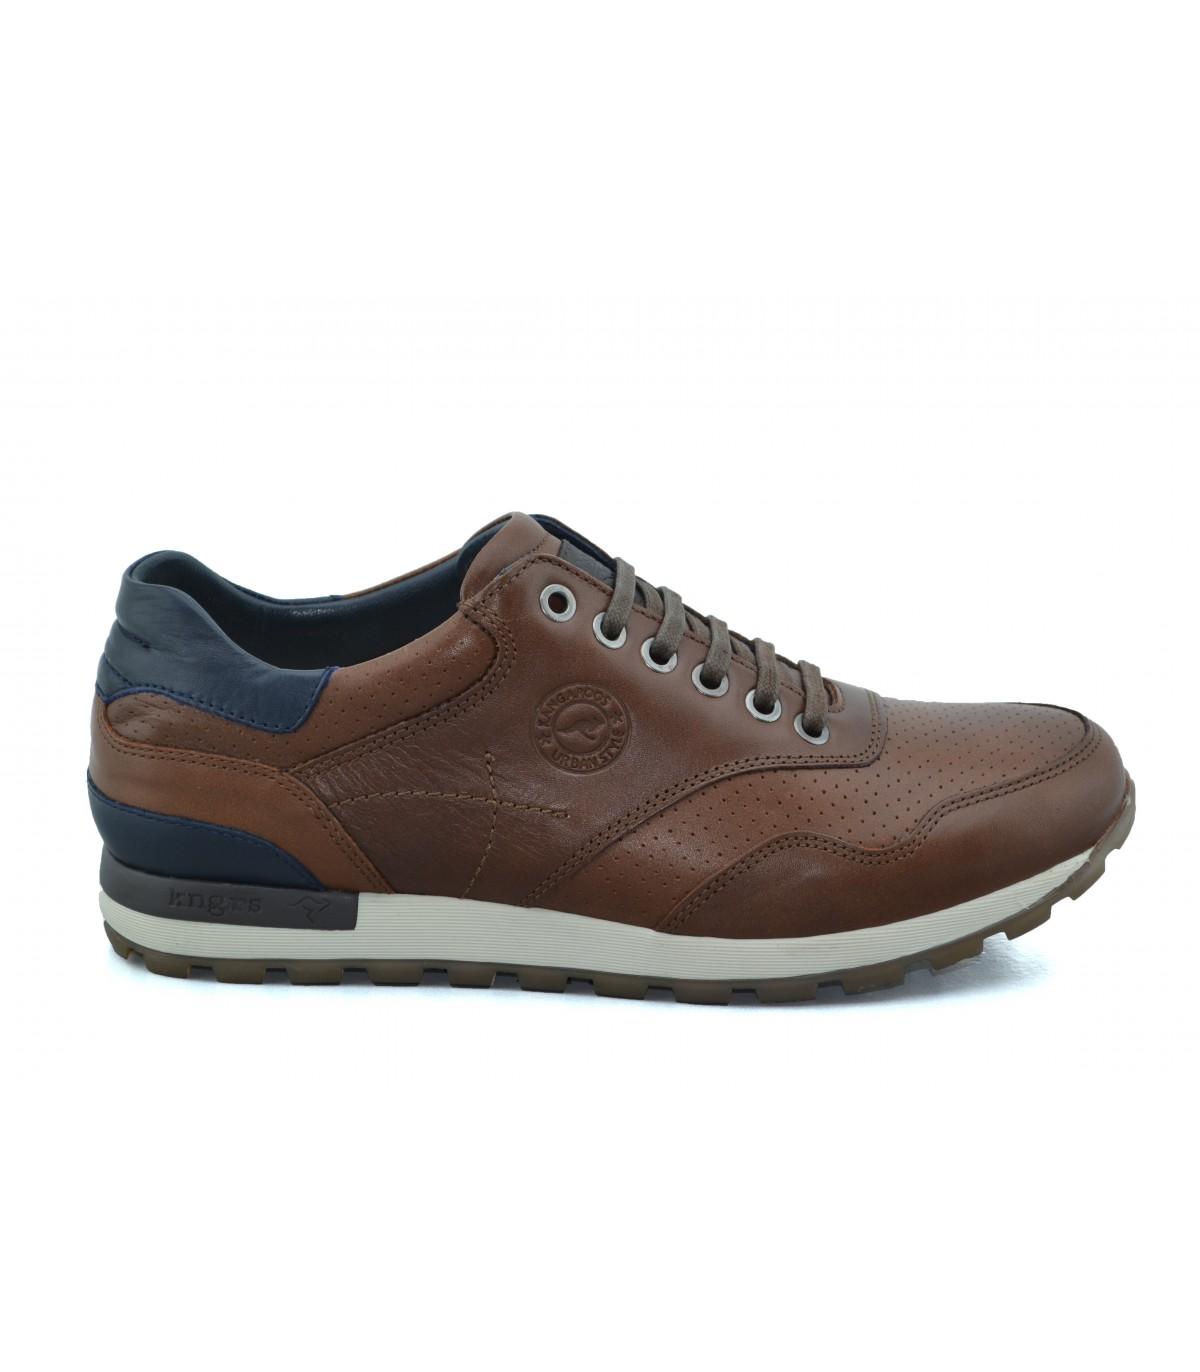 10216e1632 Zapatos casual hombre KANGAROOS 8130-13 | Zapatos Online | Calzado ...